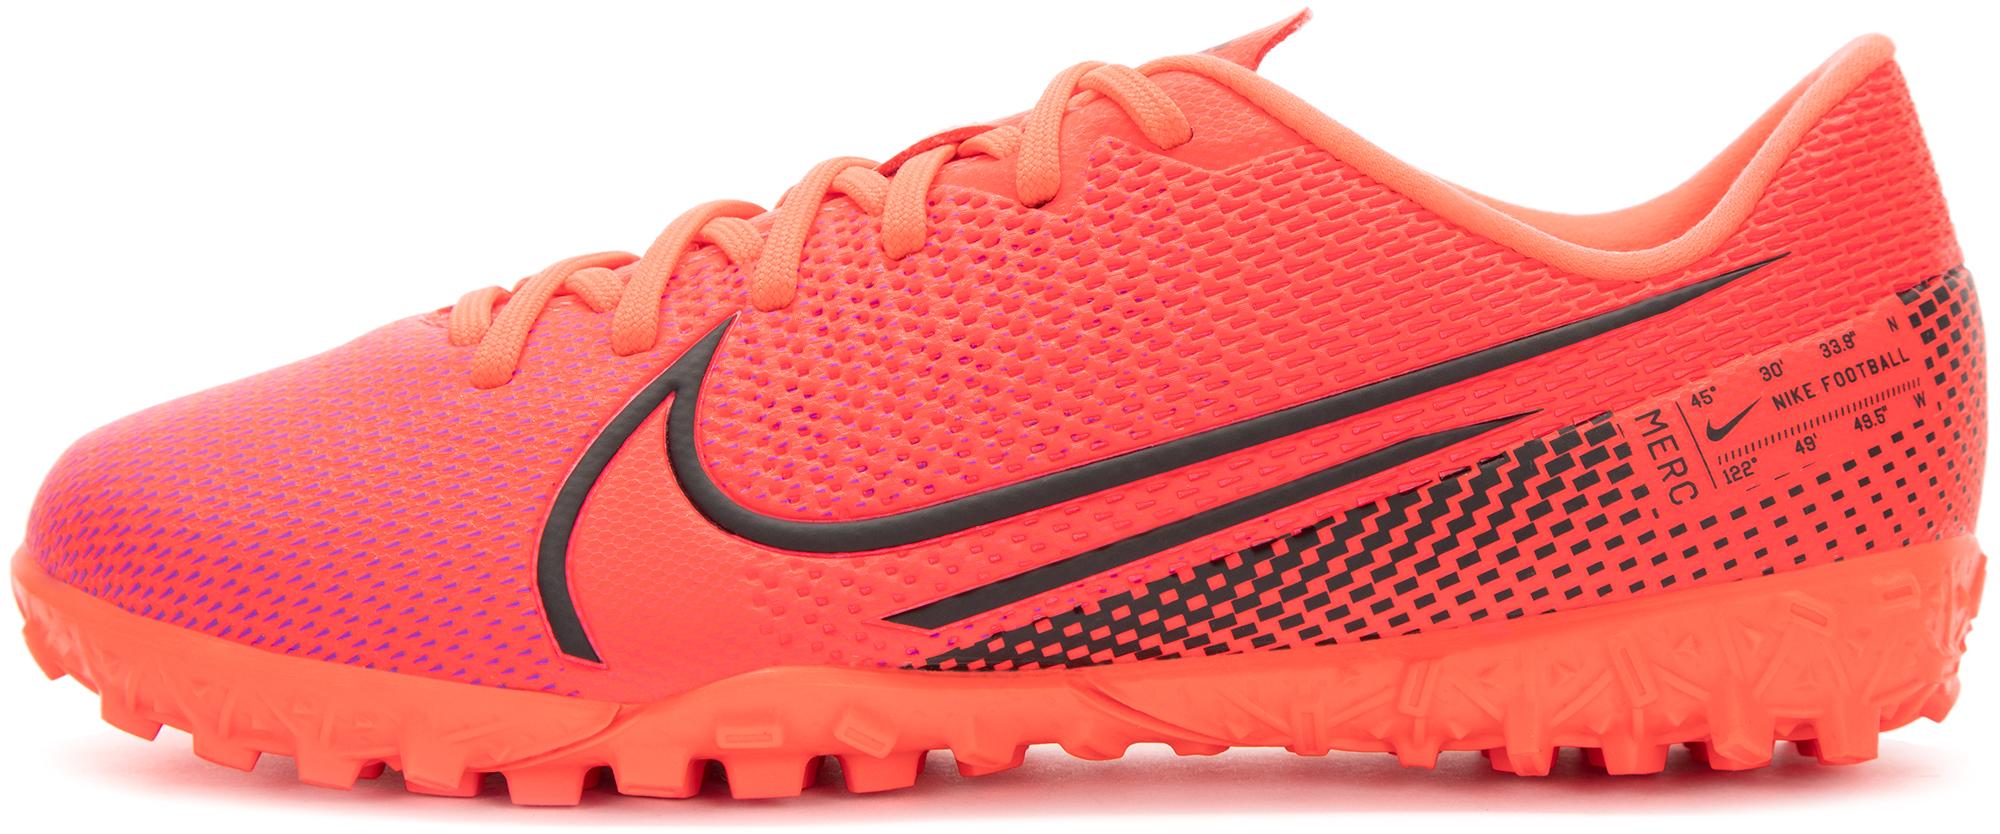 Фото - Nike Бутсы для мальчиков Nike Jr Vapor 13 Academy TF, размер 37 шиповки детские nike vapor 13 academy neymar tf at8144 104